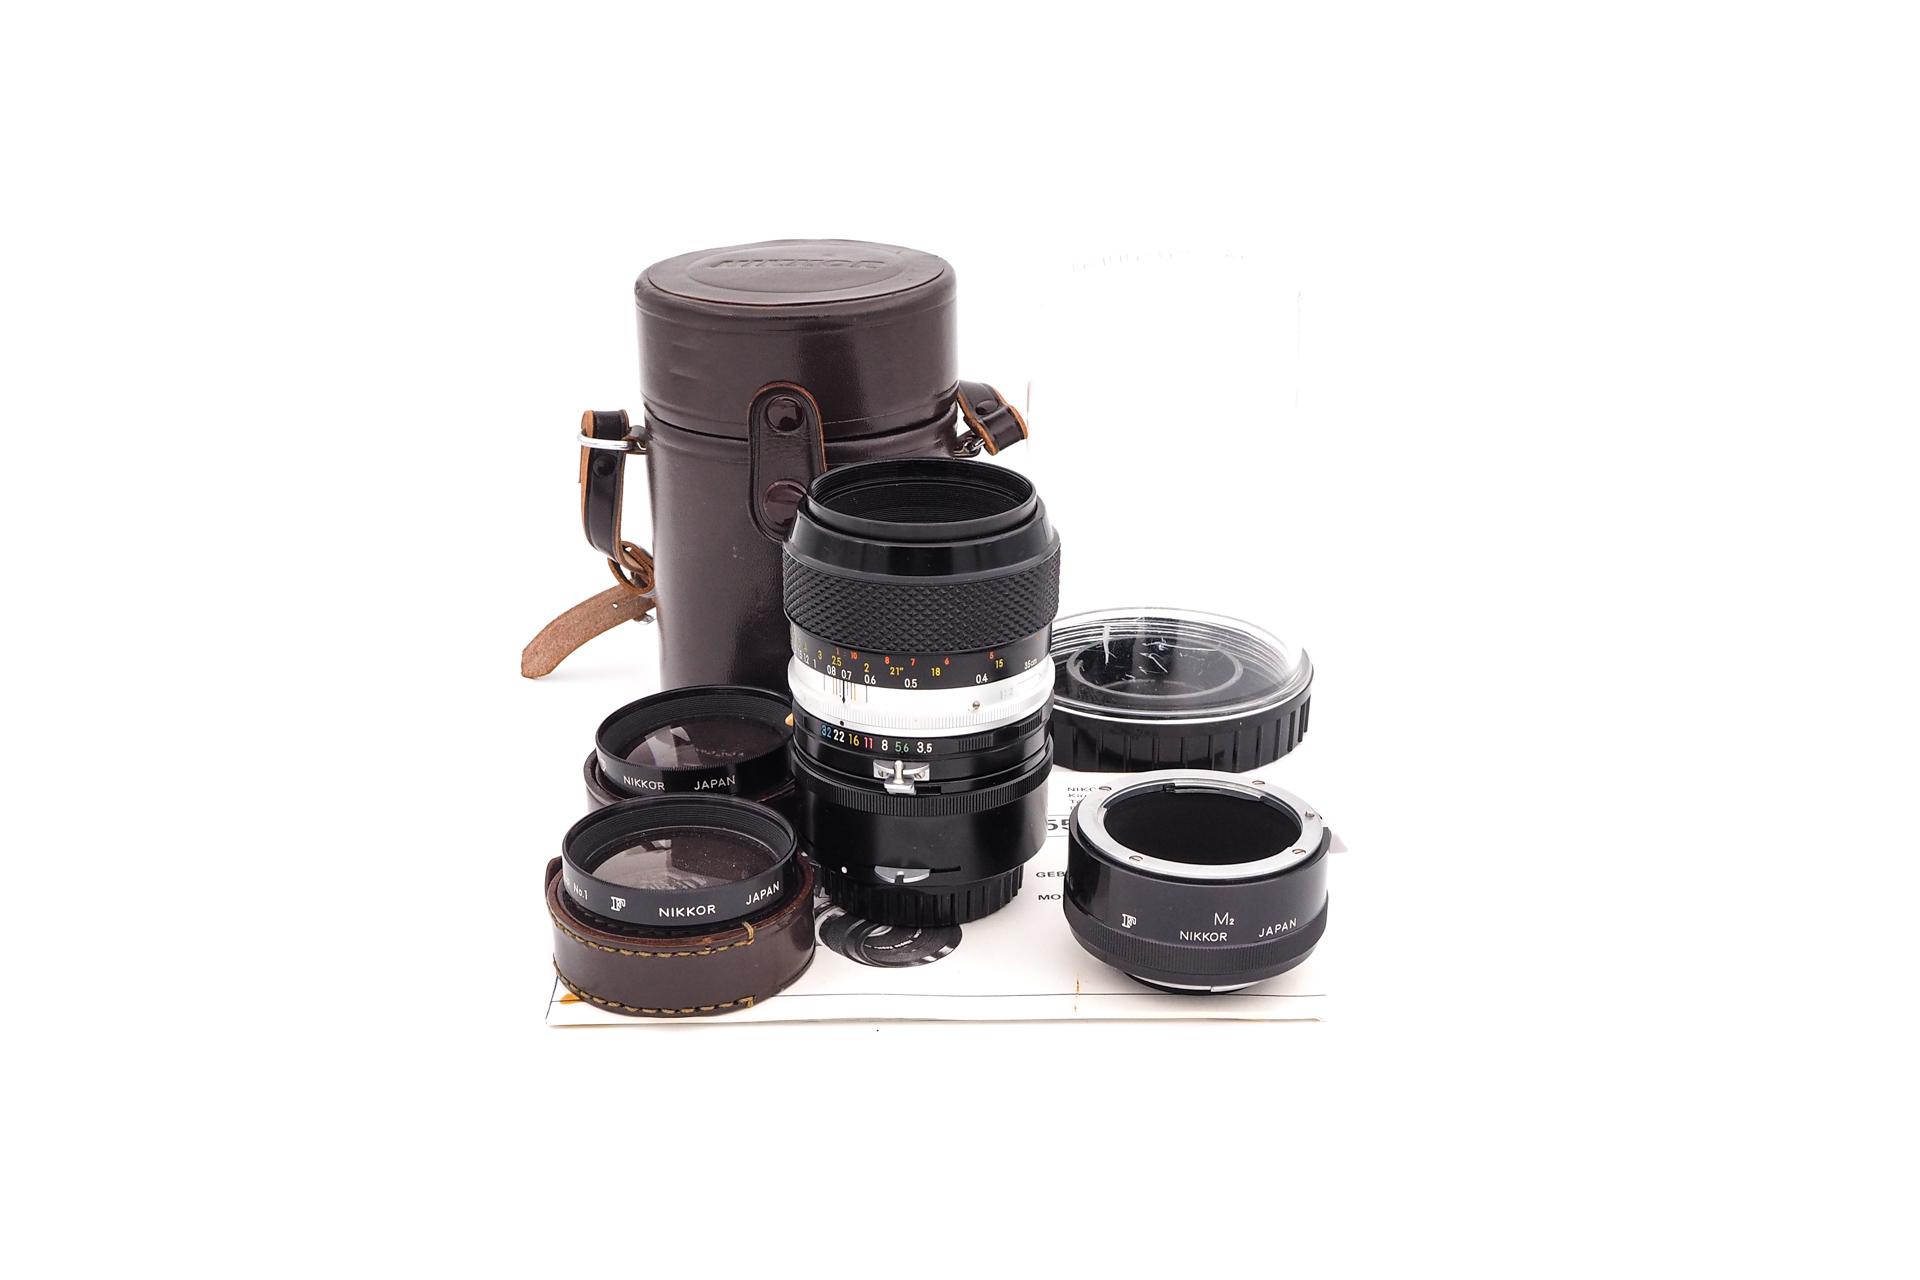 Nikon 55mm F/3.5 Micro NON-AI